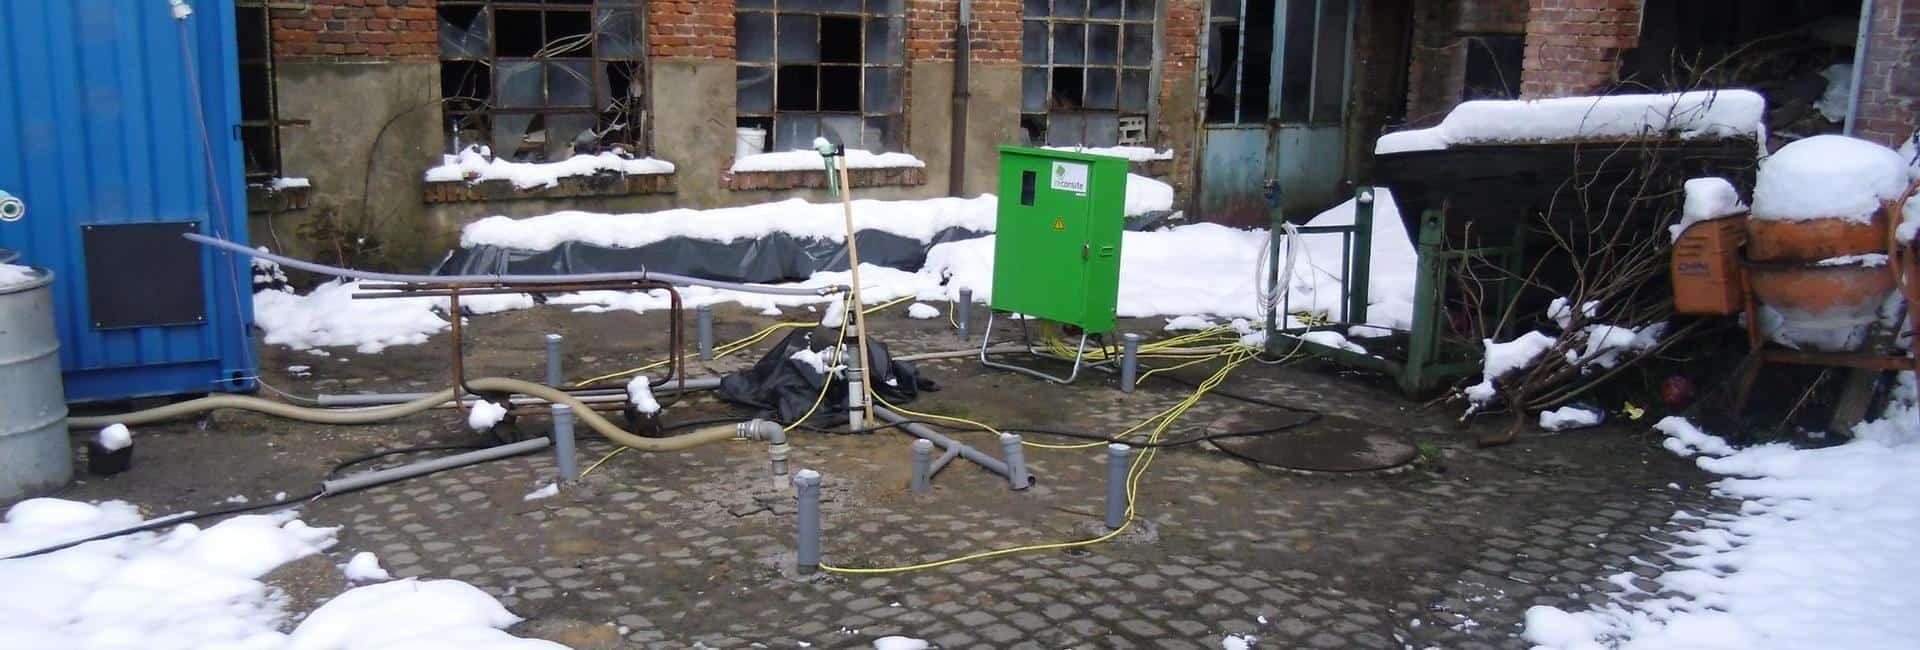 reconsite - Thermische Reichweite bei der Bodensanierung